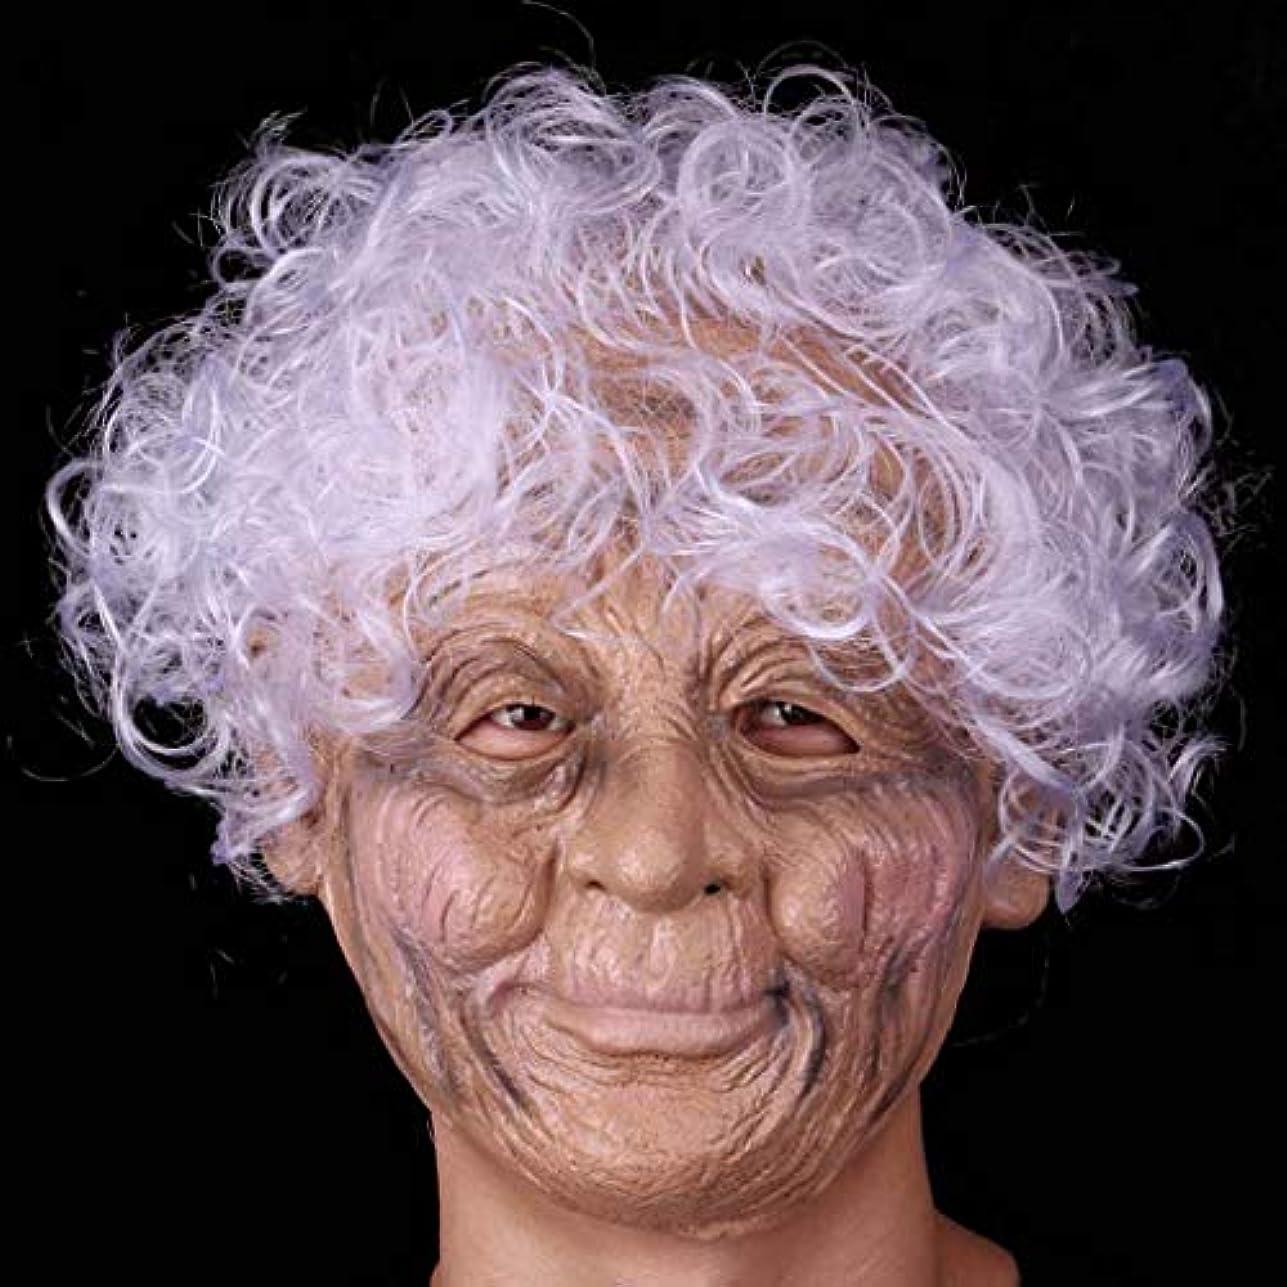 枯渇ポーチよろしくハロウィンラテックスフルフェイスマスクしわ魔女マスクおばあちゃんと白髪衣装プロップパーティーコスプレ